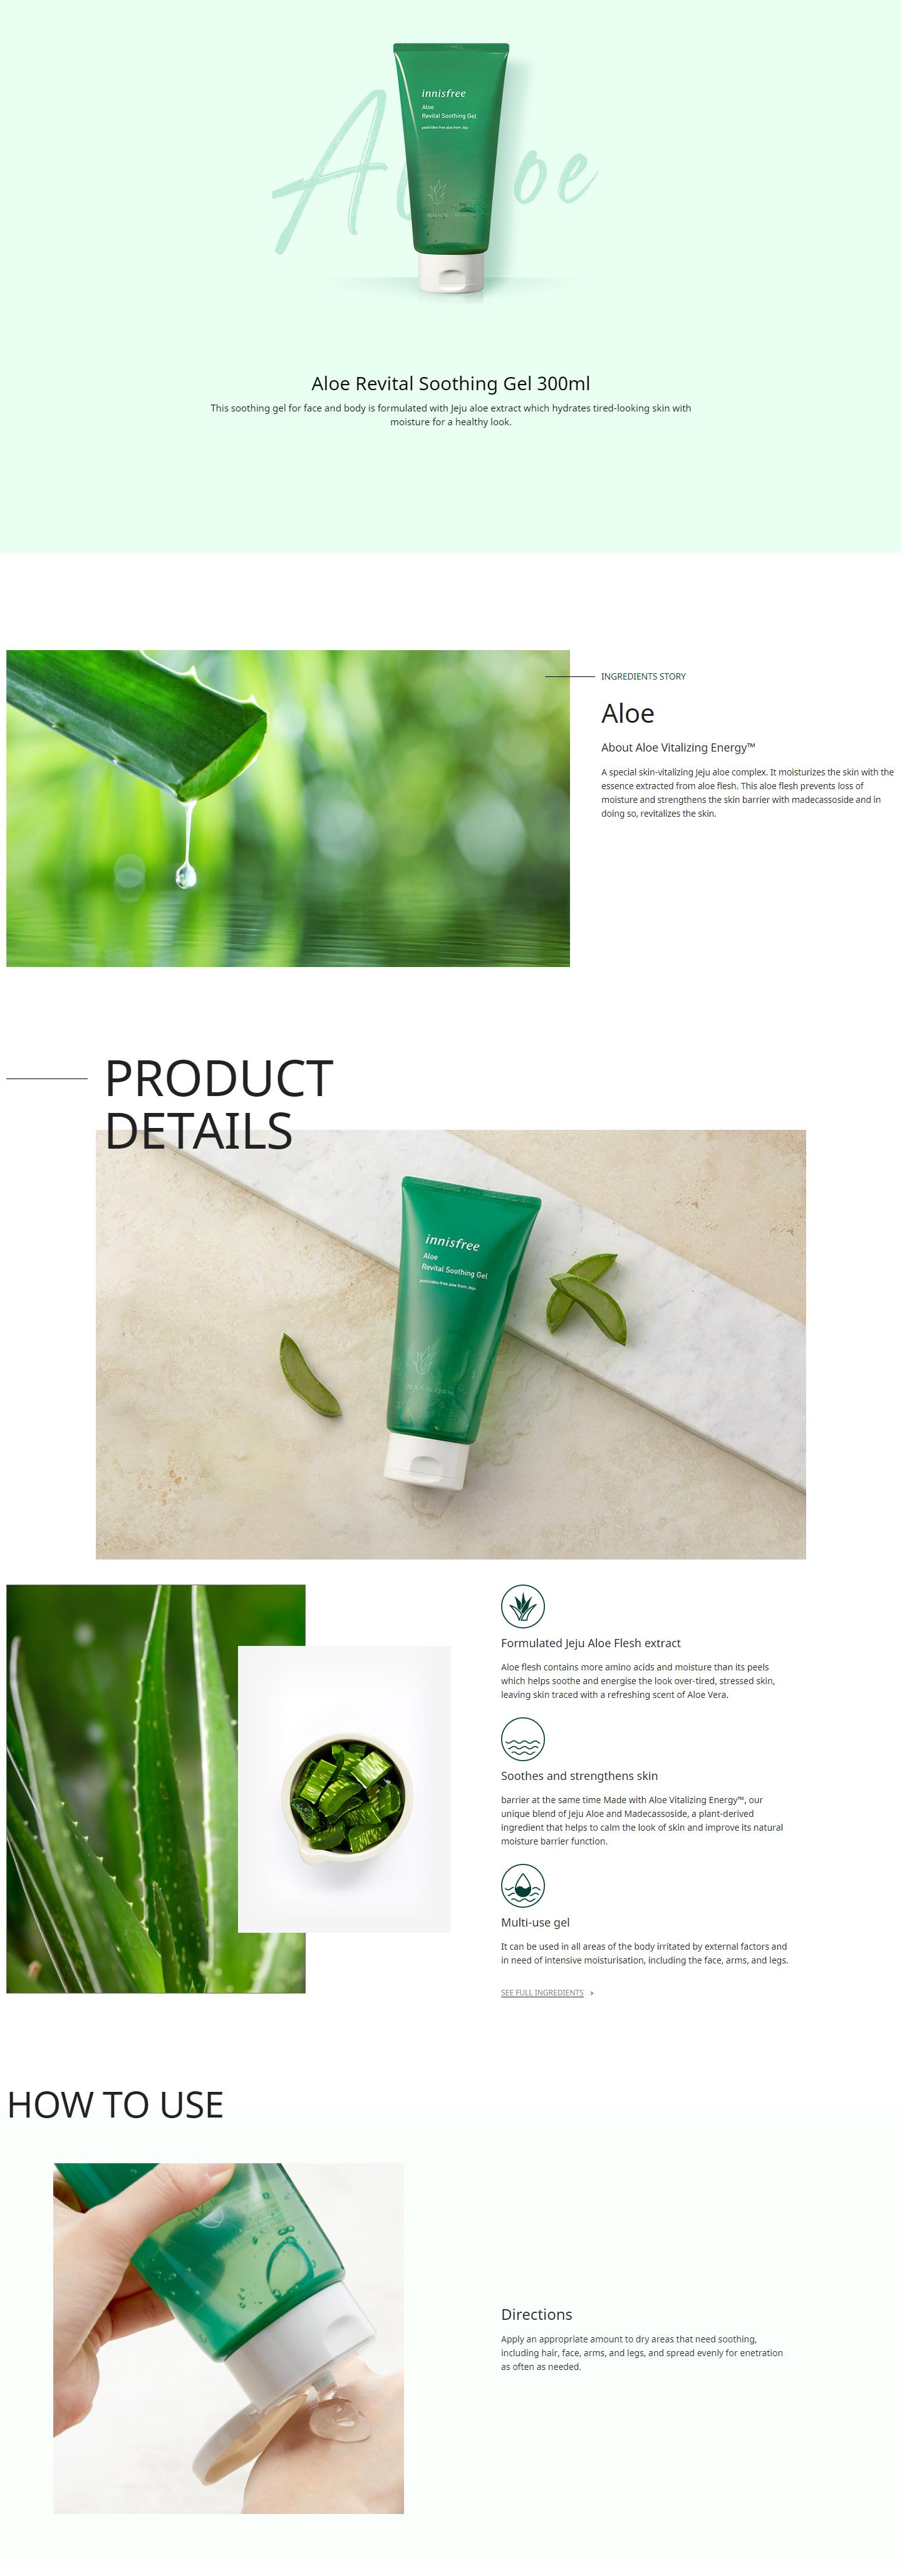 INNISFREE-Aloe-Revital-Soothing-Gel-300ml.jpg